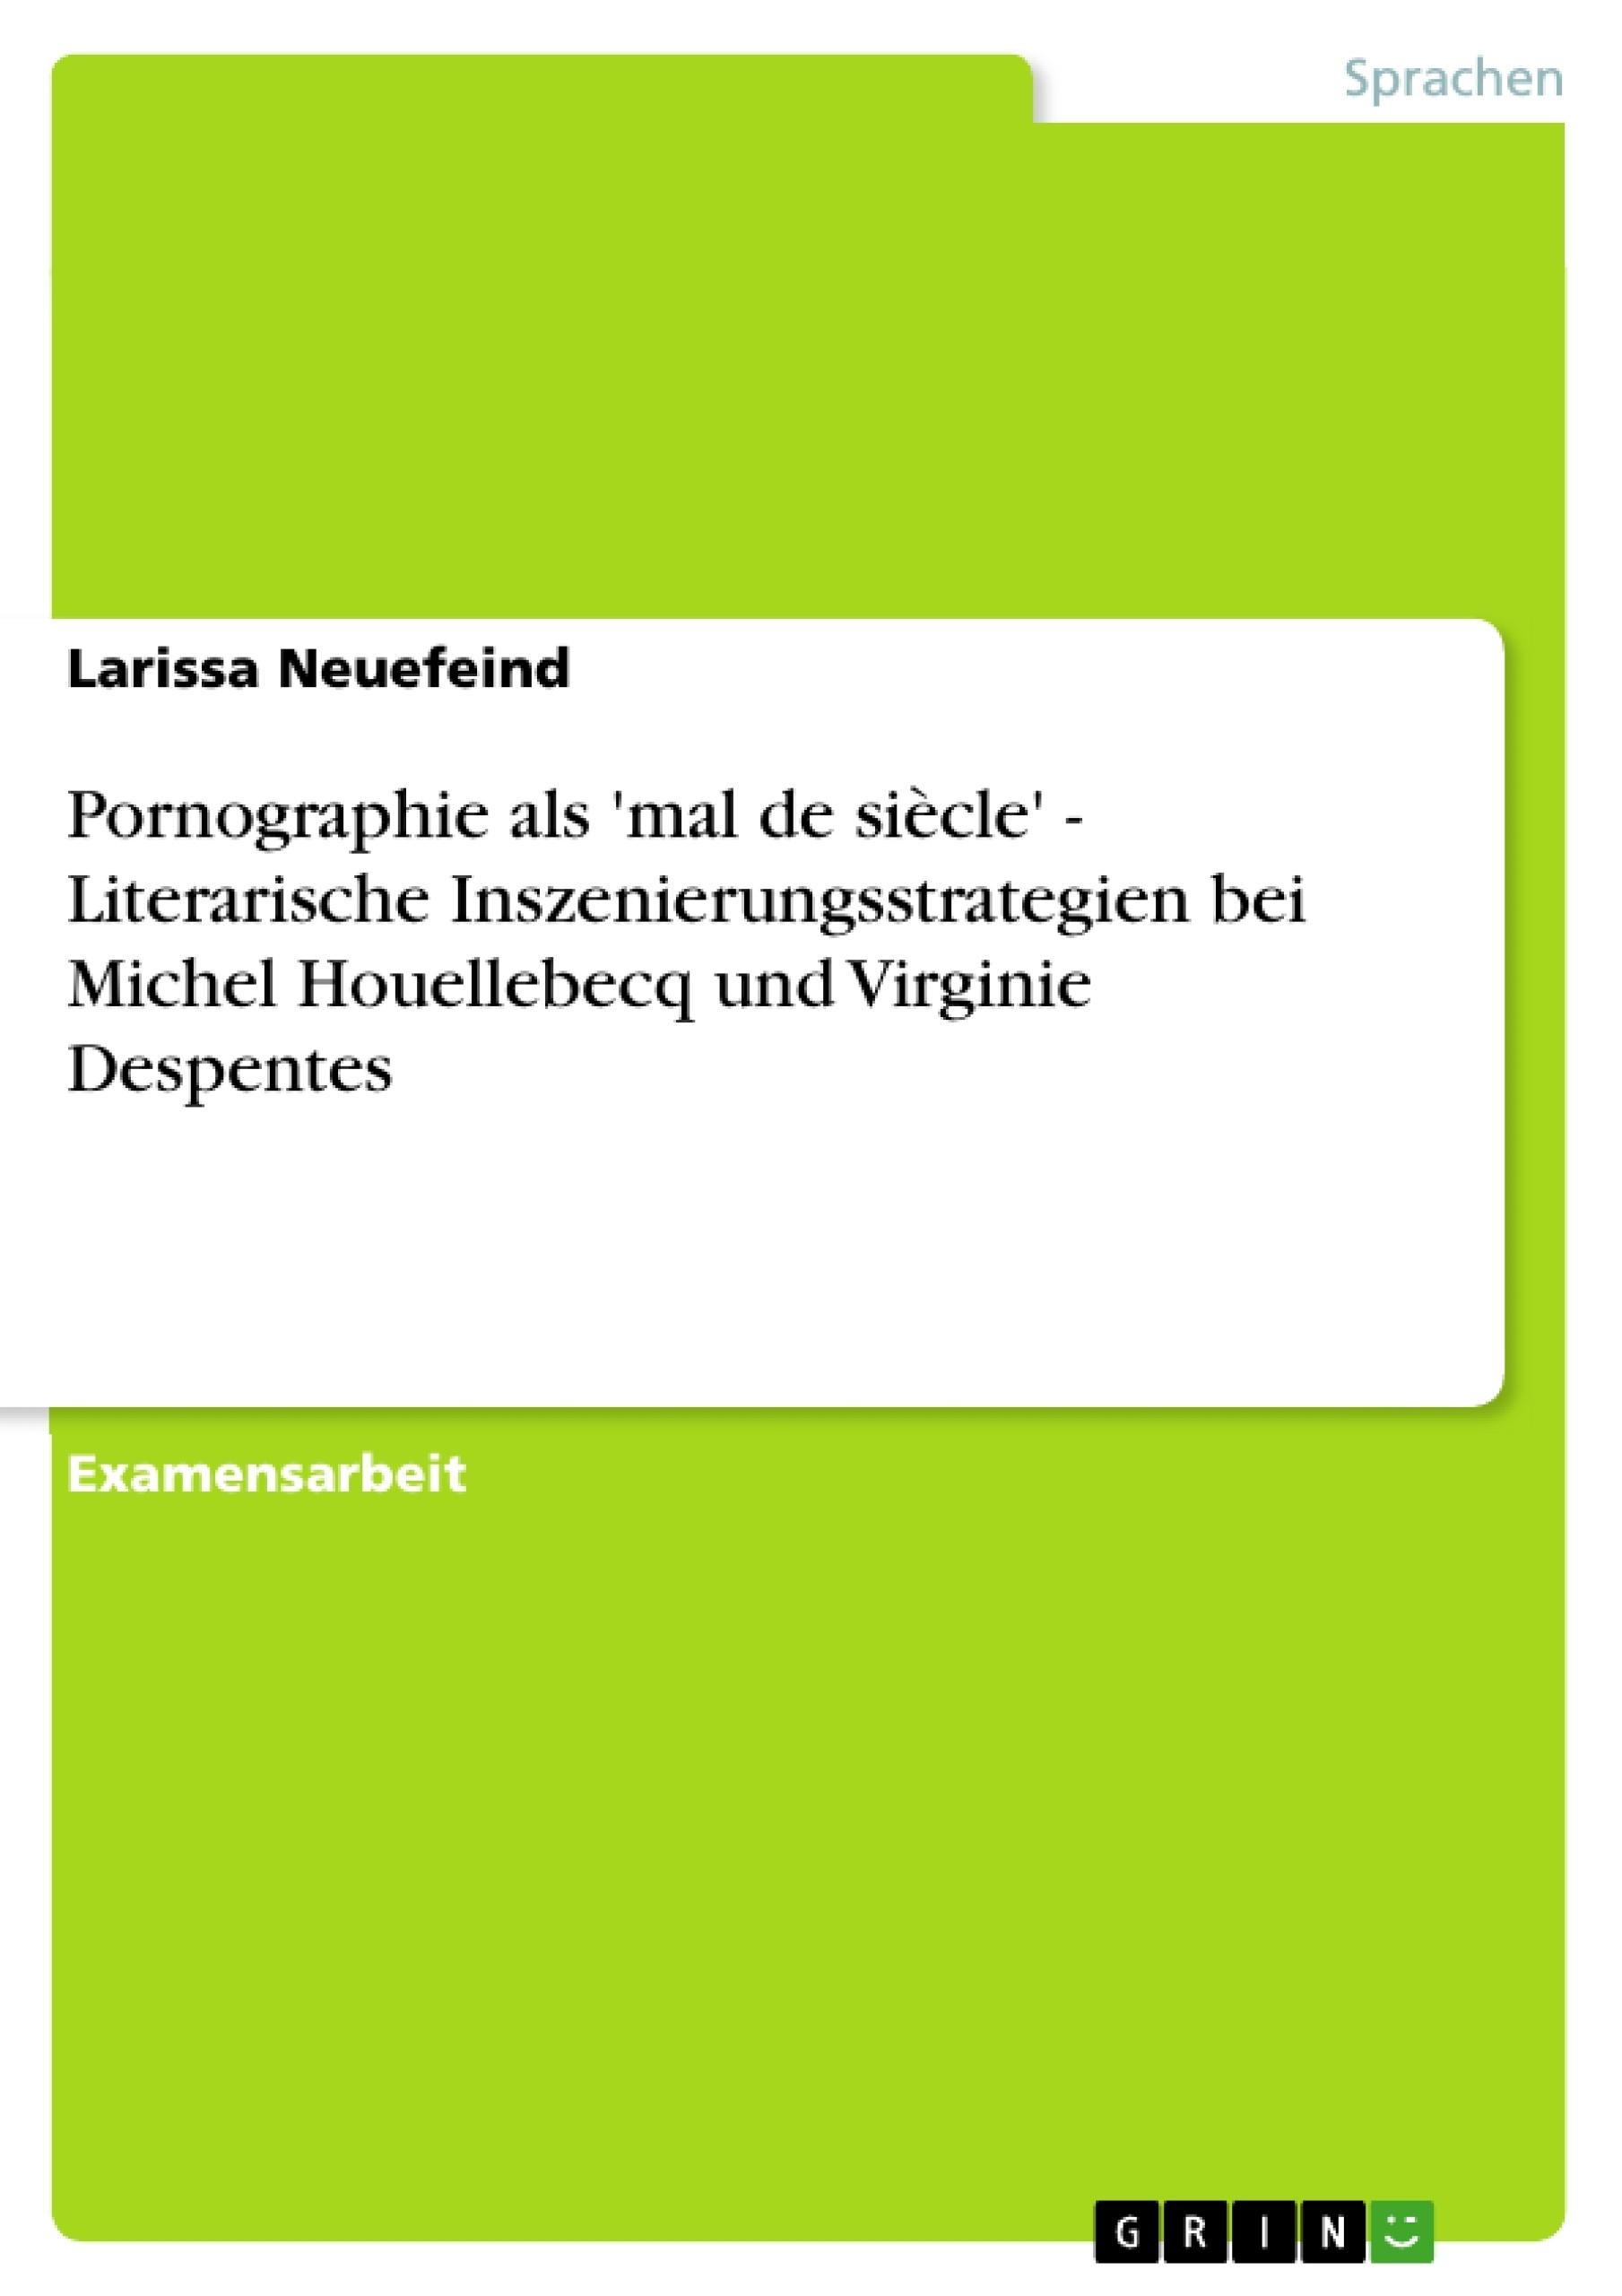 Titel: Pornographie als 'mal de siècle' - Literarische Inszenierungsstrategien bei Michel Houellebecq und Virginie Despentes